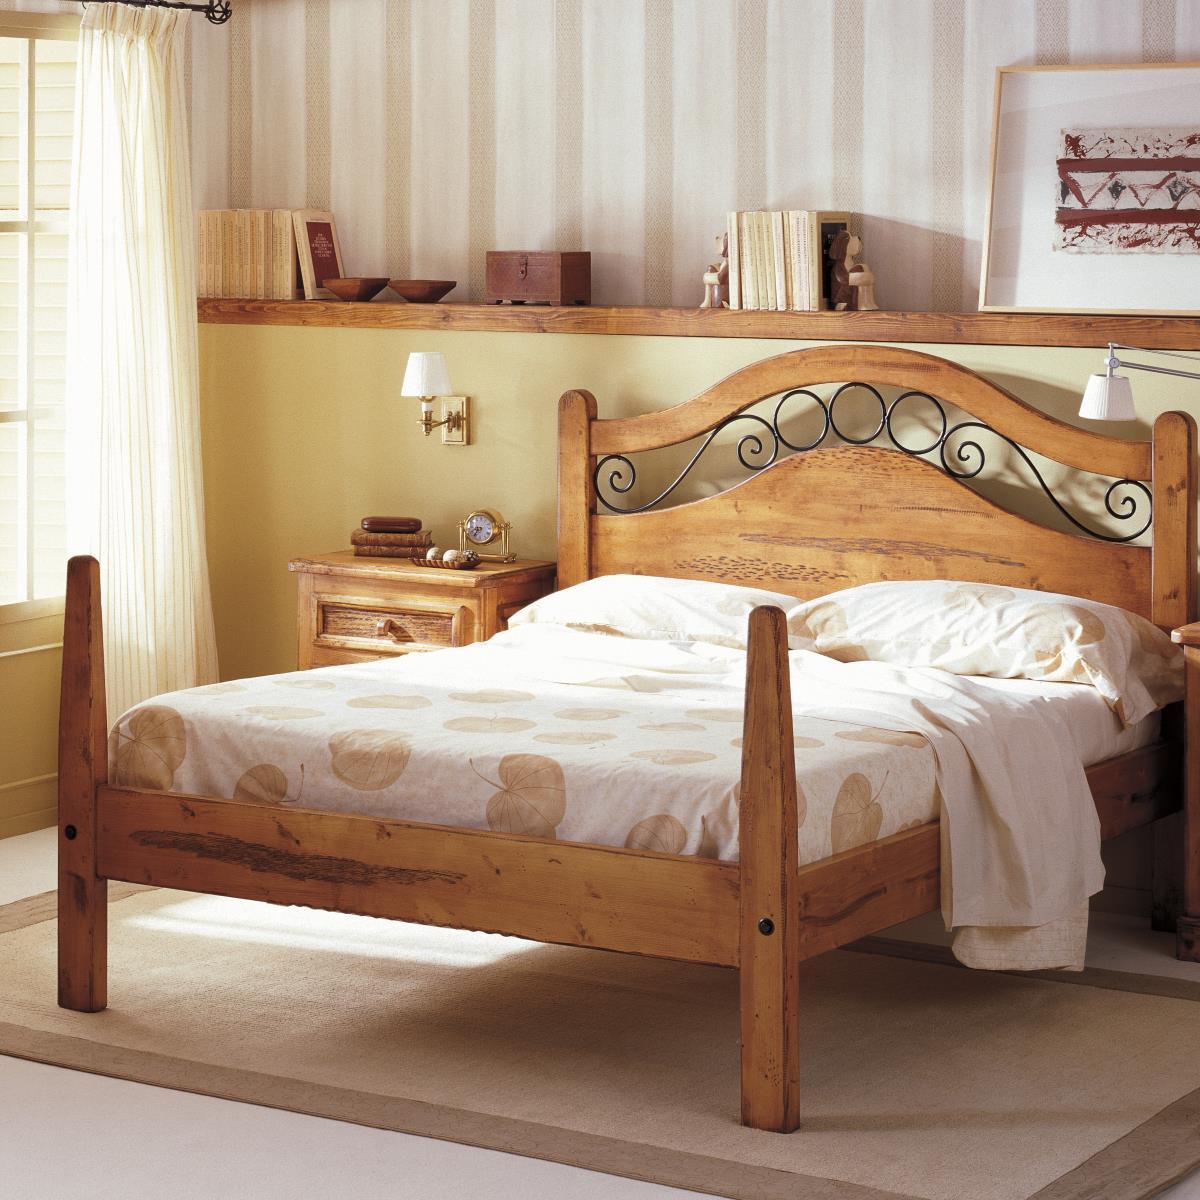 Cama rústica Forja de madera. Ecorústico: venta de muebles